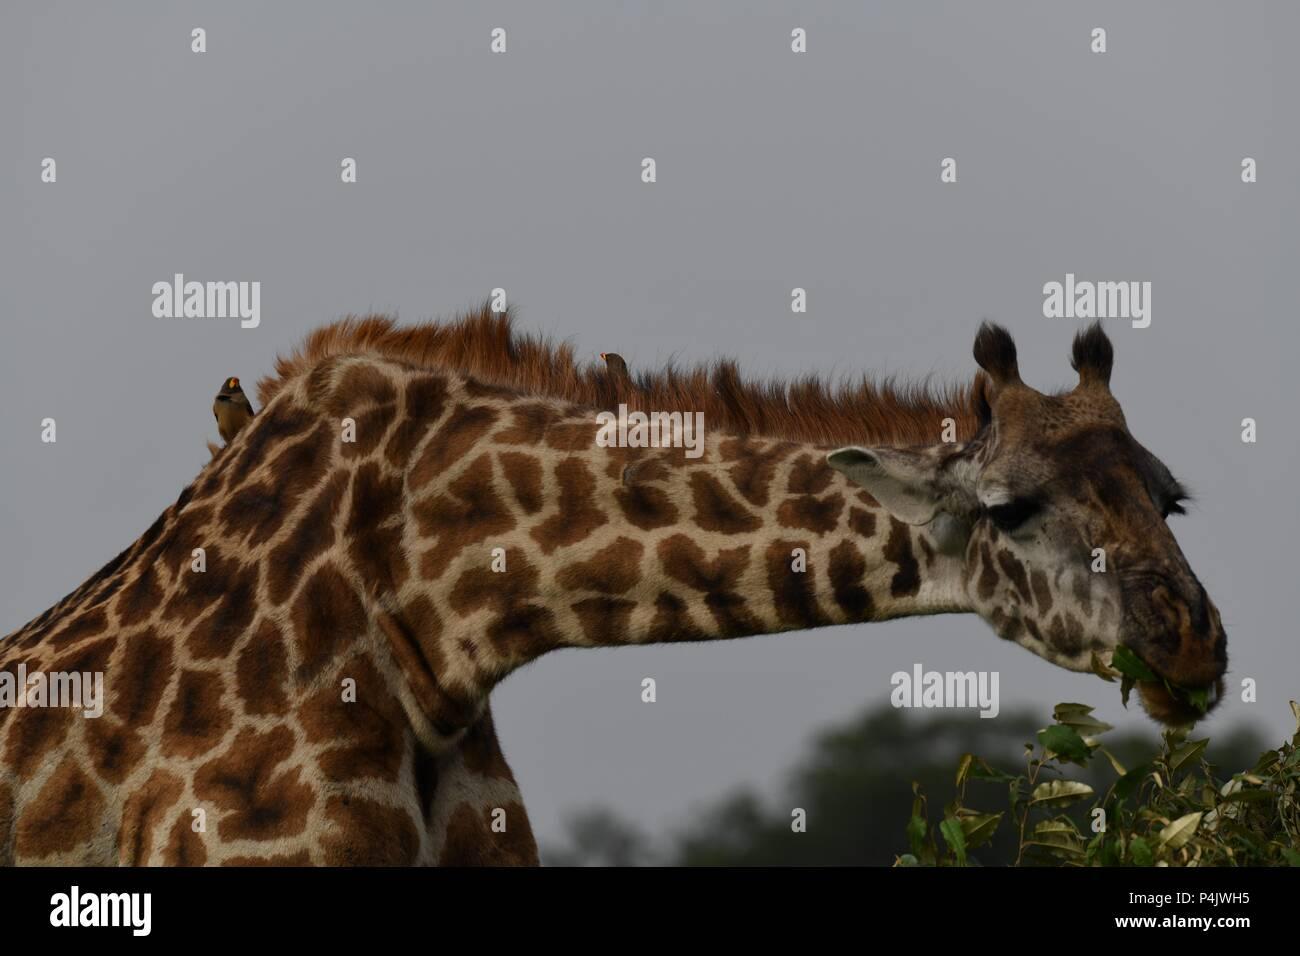 The Maasai giraffe (Giraffa camelopardalis tippelskirchii), also called Kilimanjaro giraffe. Picture taken in the valley at Mahali Mzuri, Maasai Mara. Stock Photo